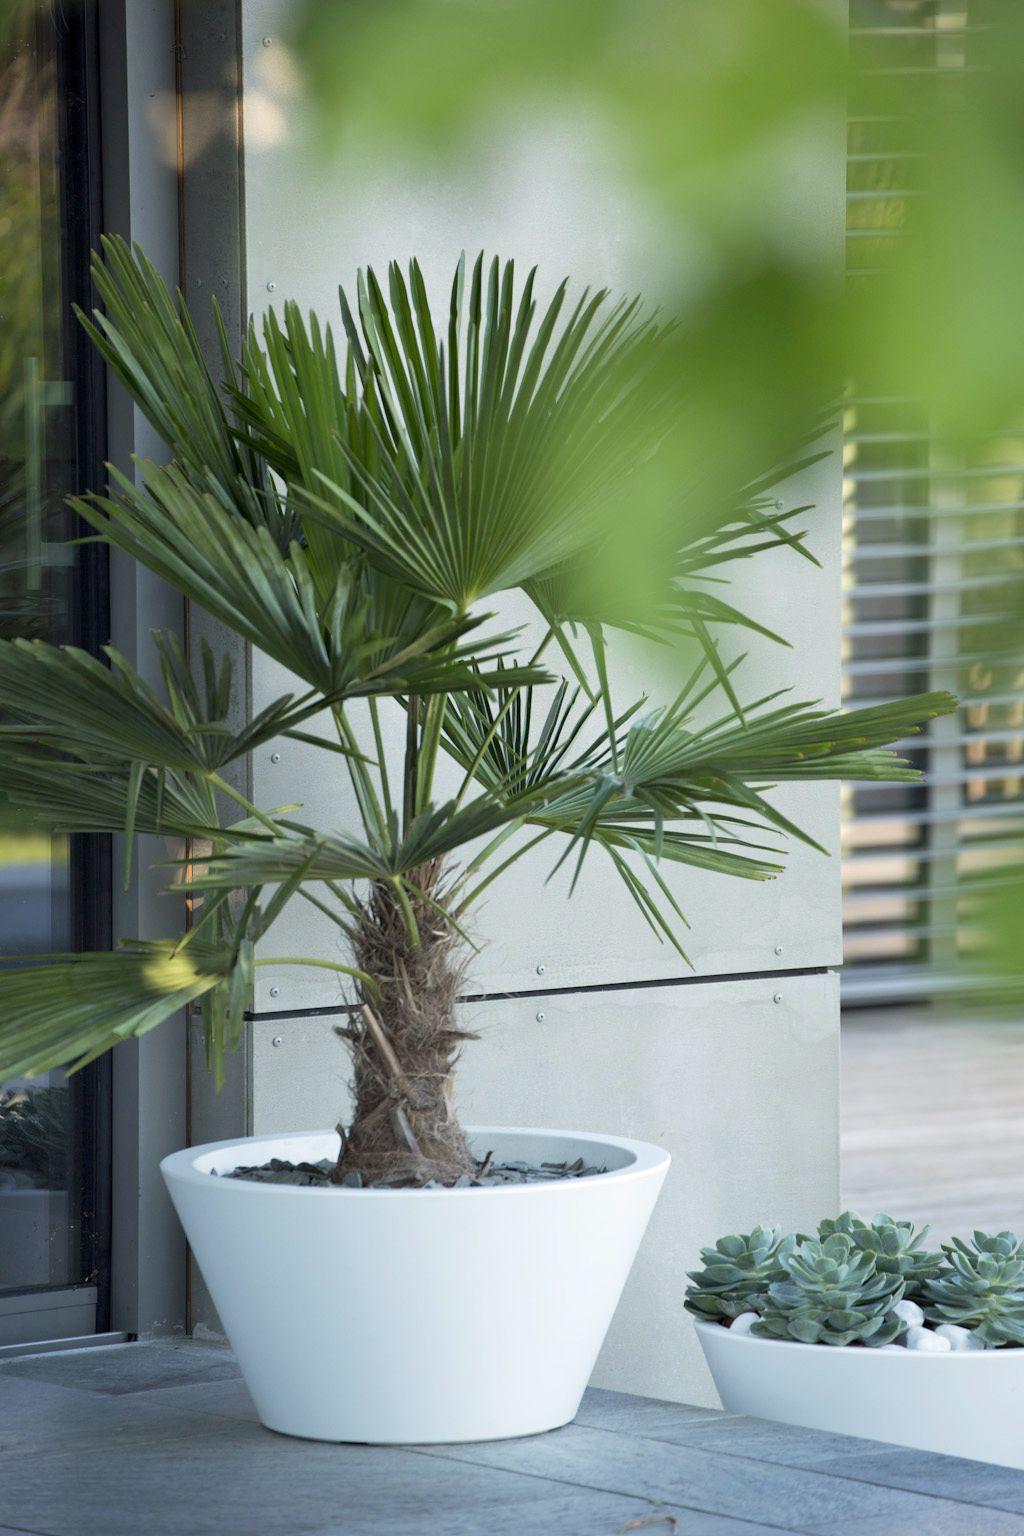 Pot Elho Ultra Leger Resistant Au Gel Ideal Pour Votre Terrasse